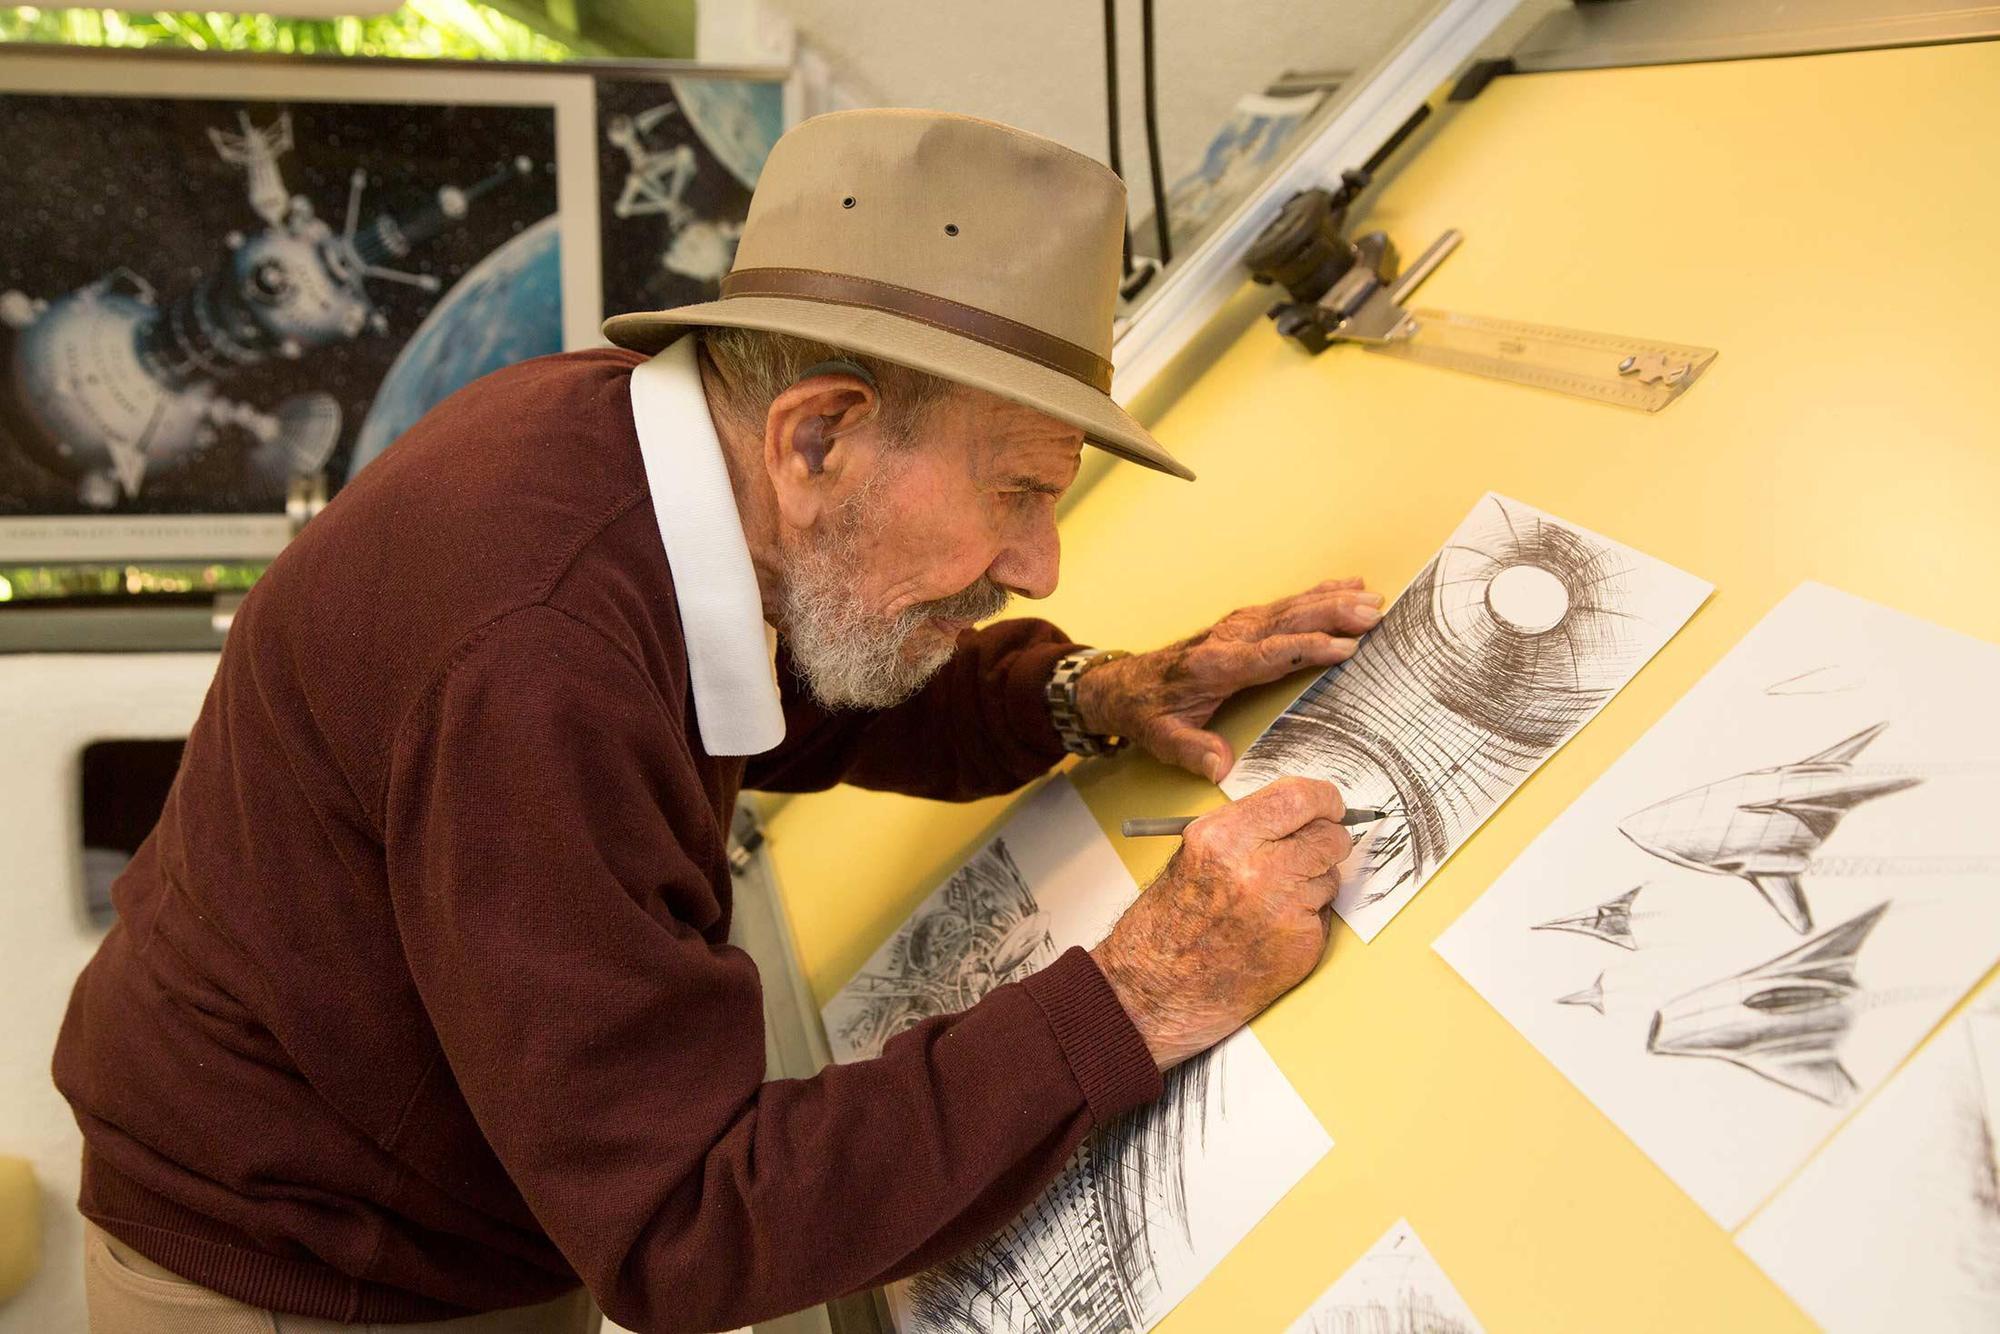 Έχει σχεδιάσει πάνω από 5,500 τεχνικά σκίτσα τα τελευταία 40 χρόνια